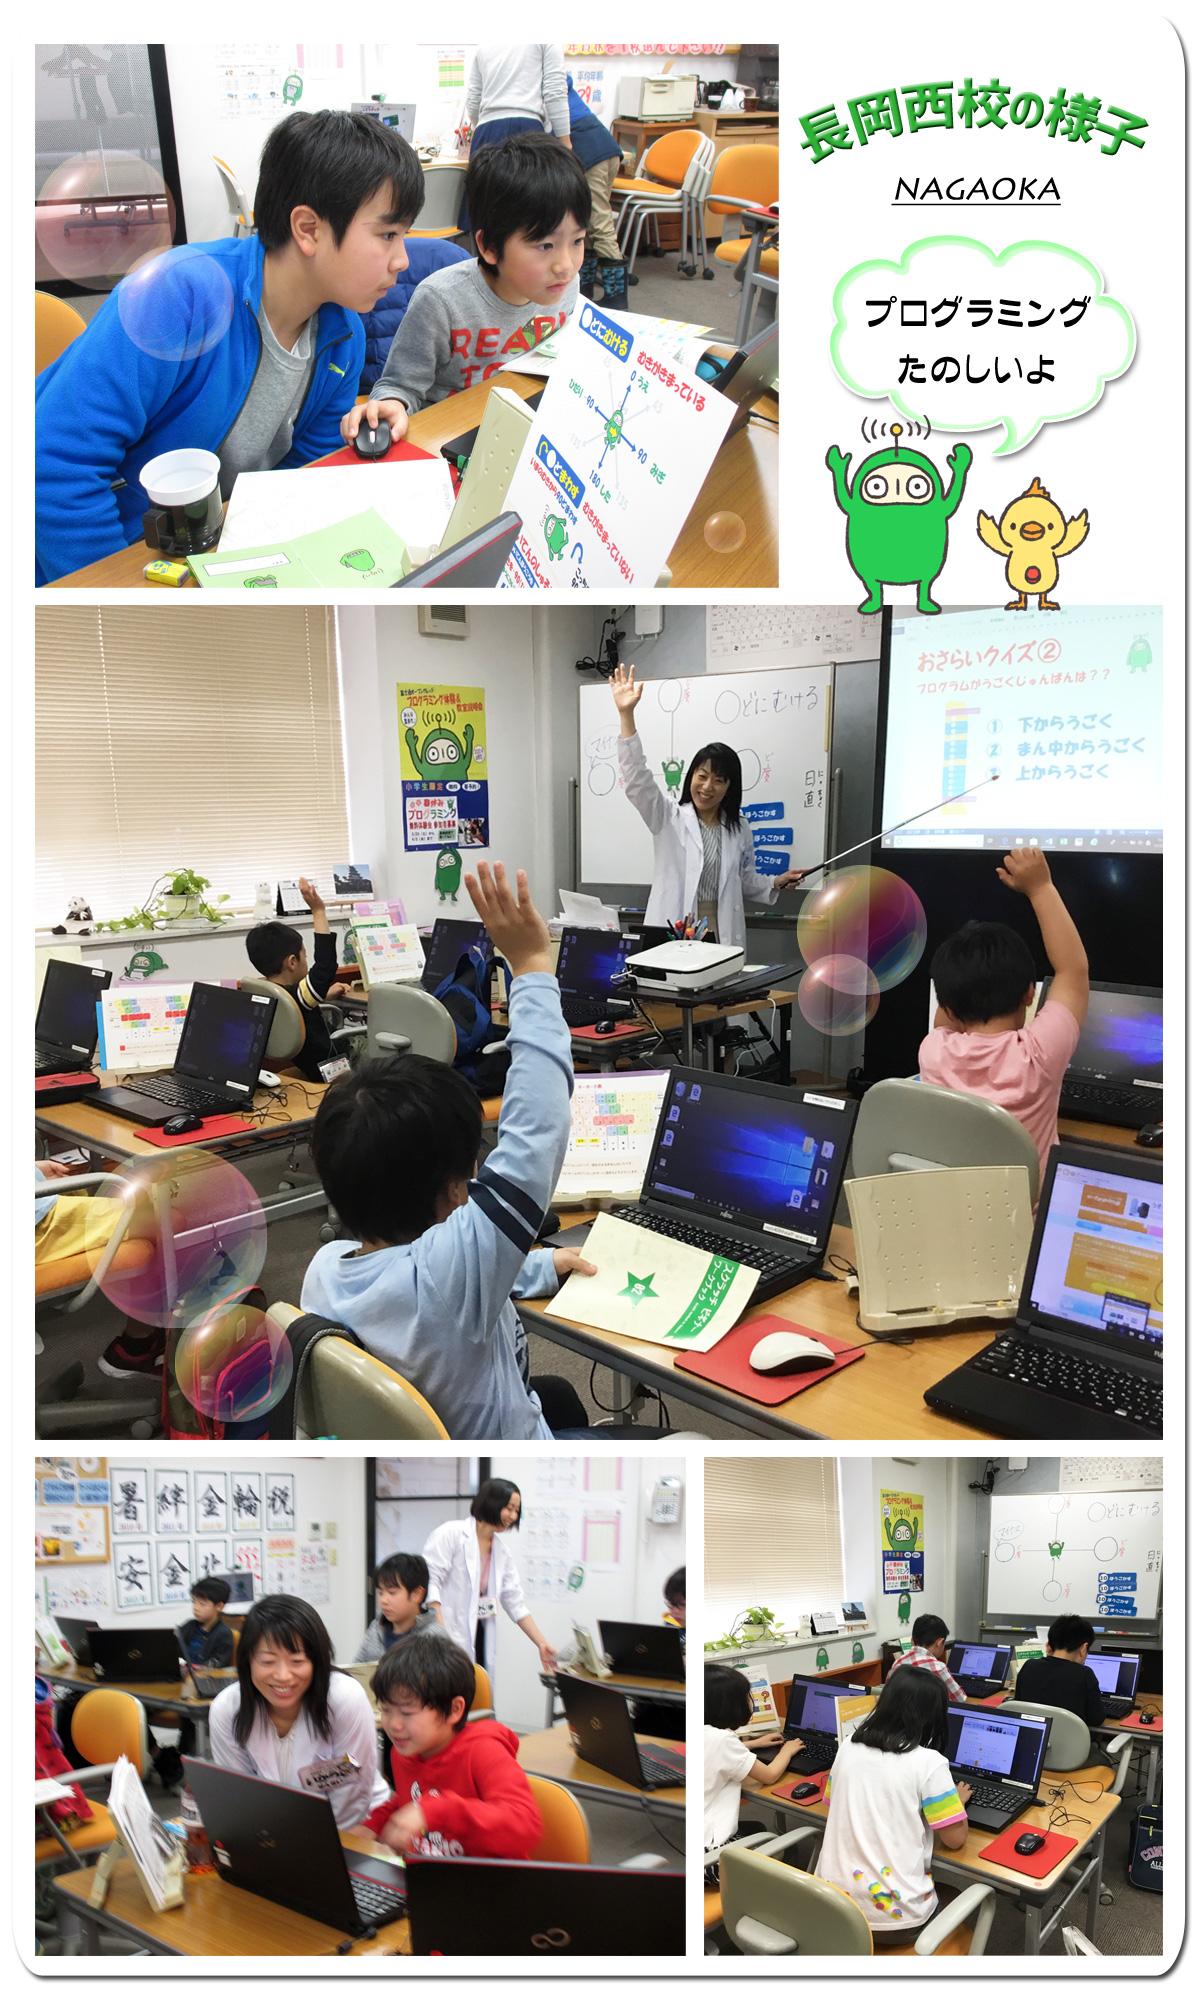 プログラミング教室 F@ITKidsClub(ファイトキッズクラブ)長岡西校の様子